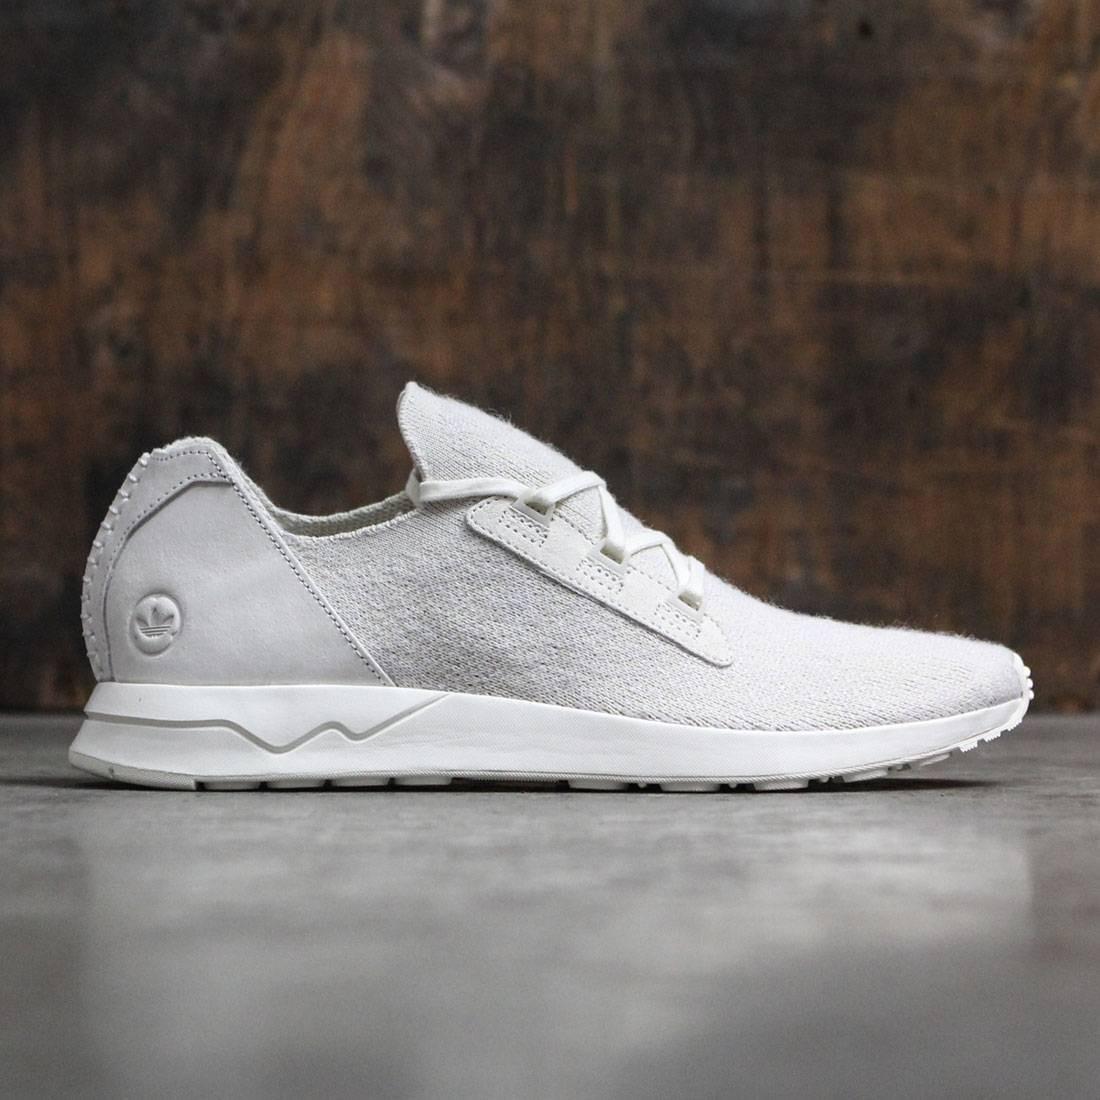 【海外限定】アディダス メンズ靴 スニーカー 【 ADIDAS CONSORTIUM X WINGS AND HORNS MEN ZX FLUX PRIMEKNIT WHITE OFF 】